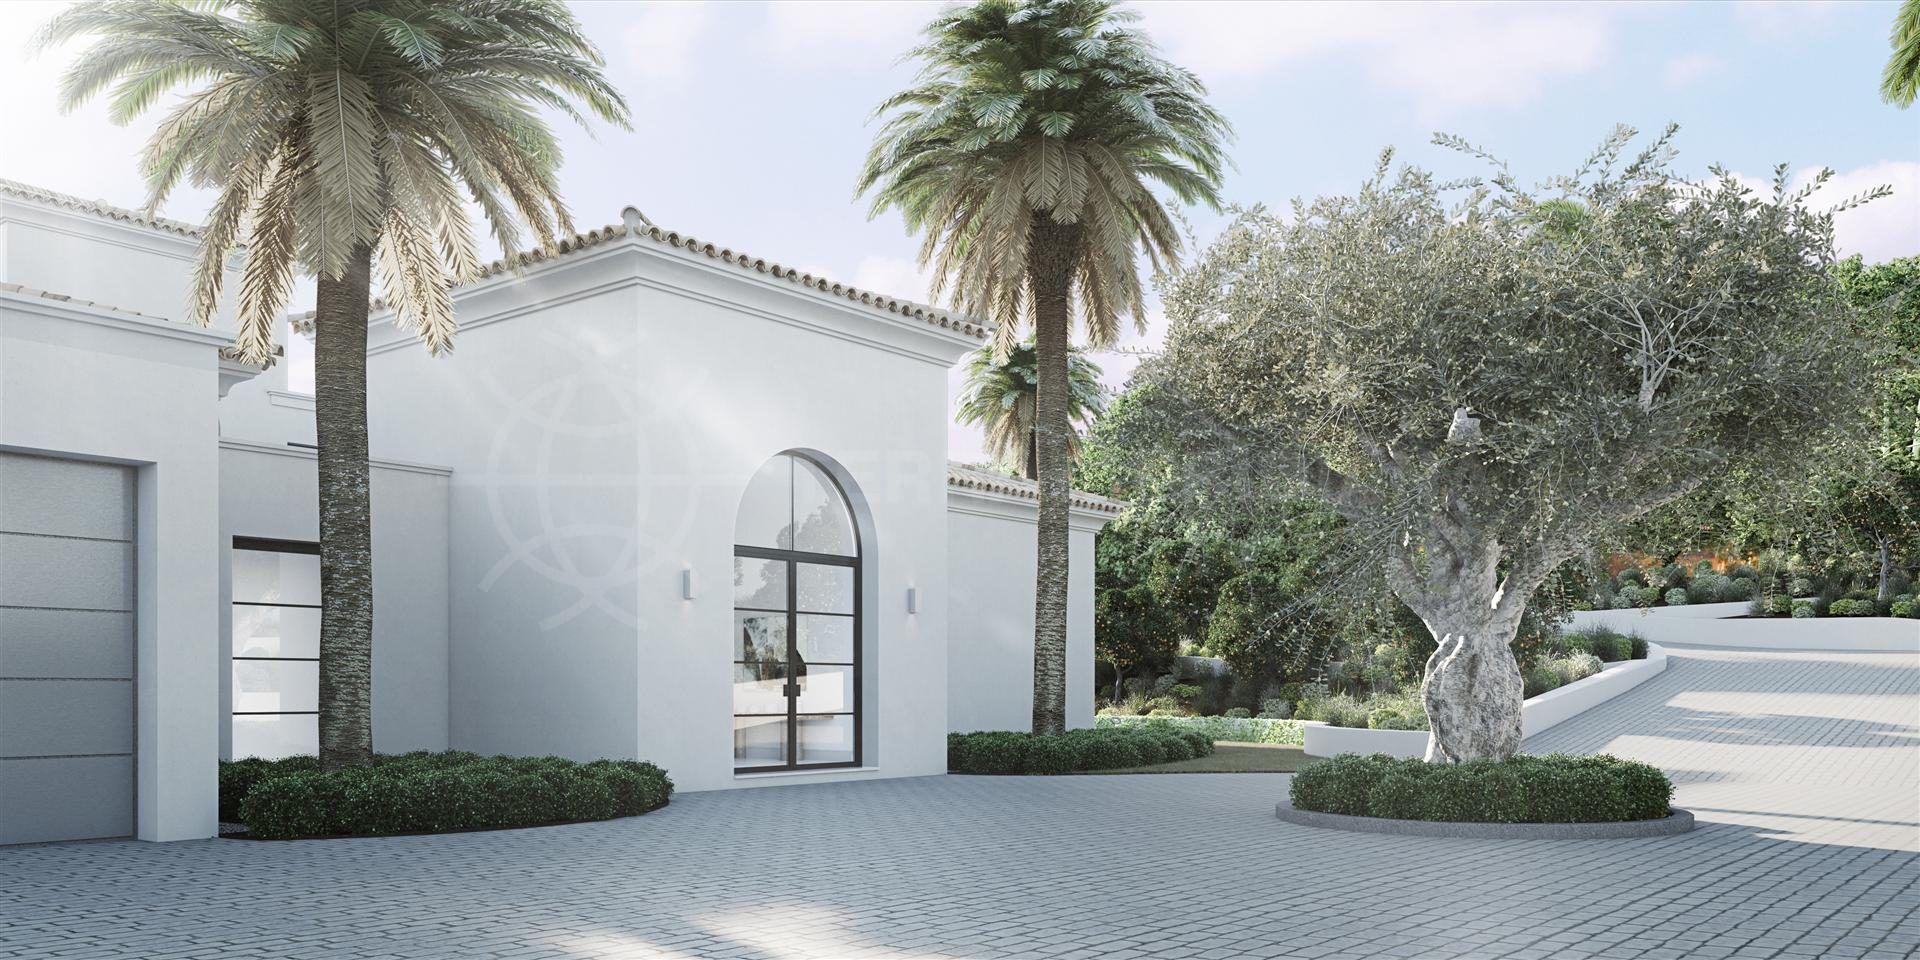 exterior of Villa Atrio